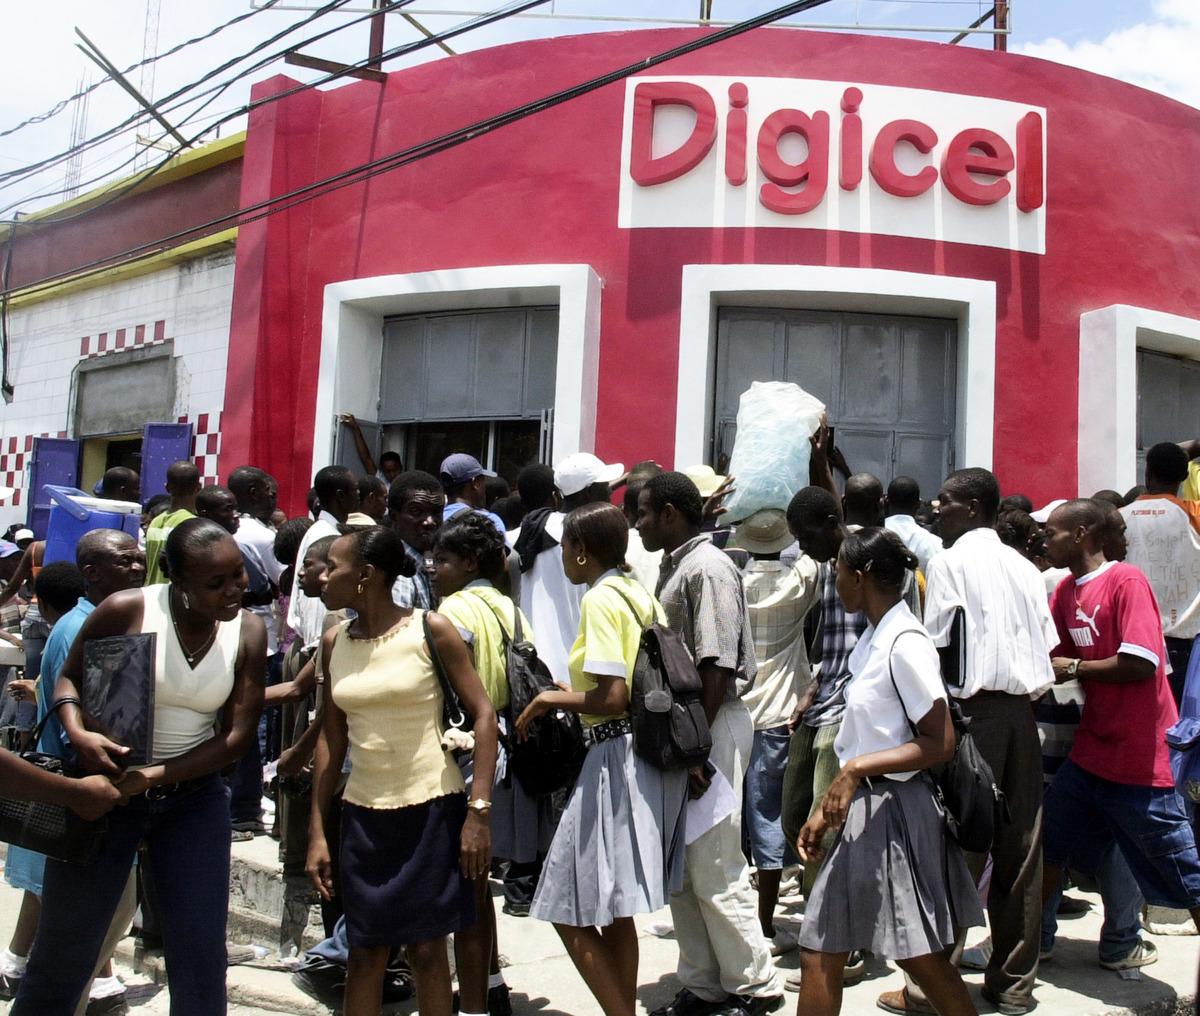 圖為位於加勒比海太子港(太子港)的Digicel公司辦公室。 (THONY BELIZAIRE/AFP via Getty Images)